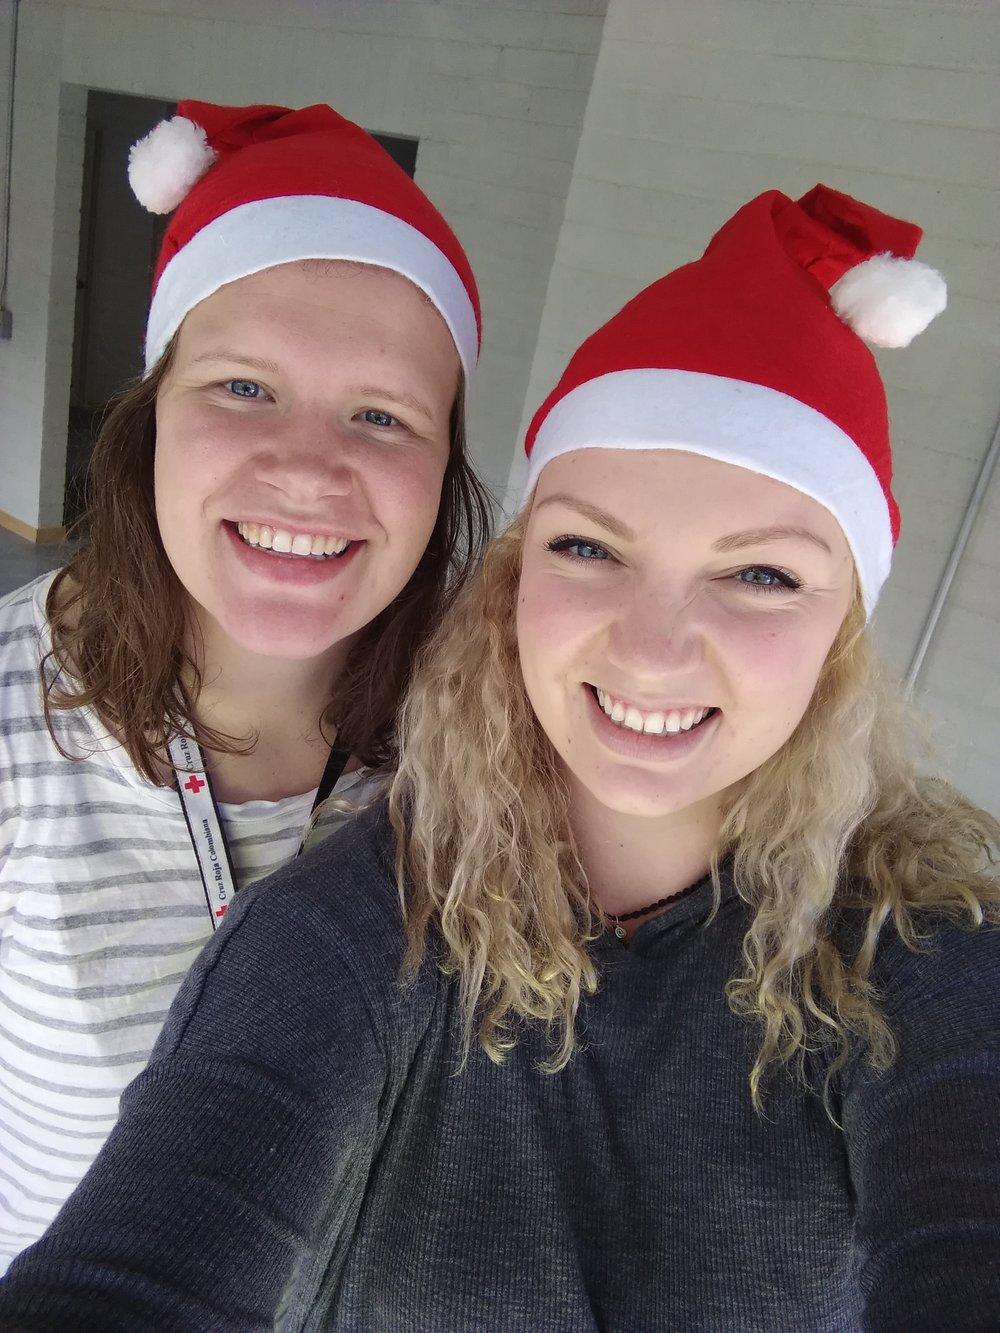 Selfie de navidad, Kristine Nordås Toska y Sofie Sundström Bele.  Selfie por: Sofie S. Bele